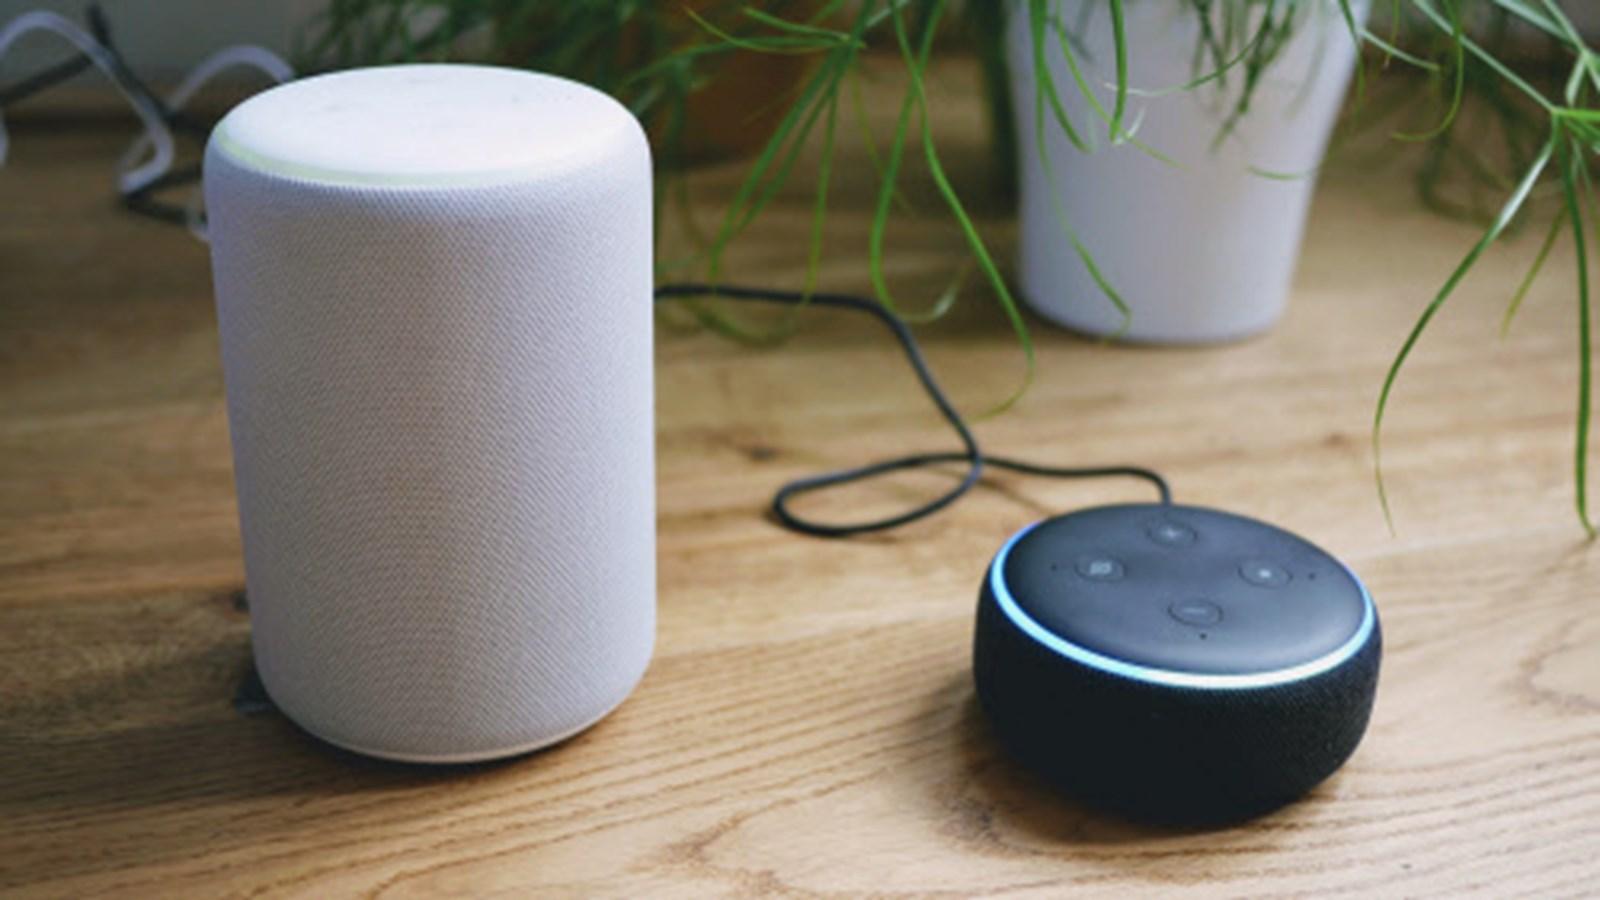 Lauschangriff im Wohnzimmer: Unterschätzte Gefahr Alexa, Siri & Co.